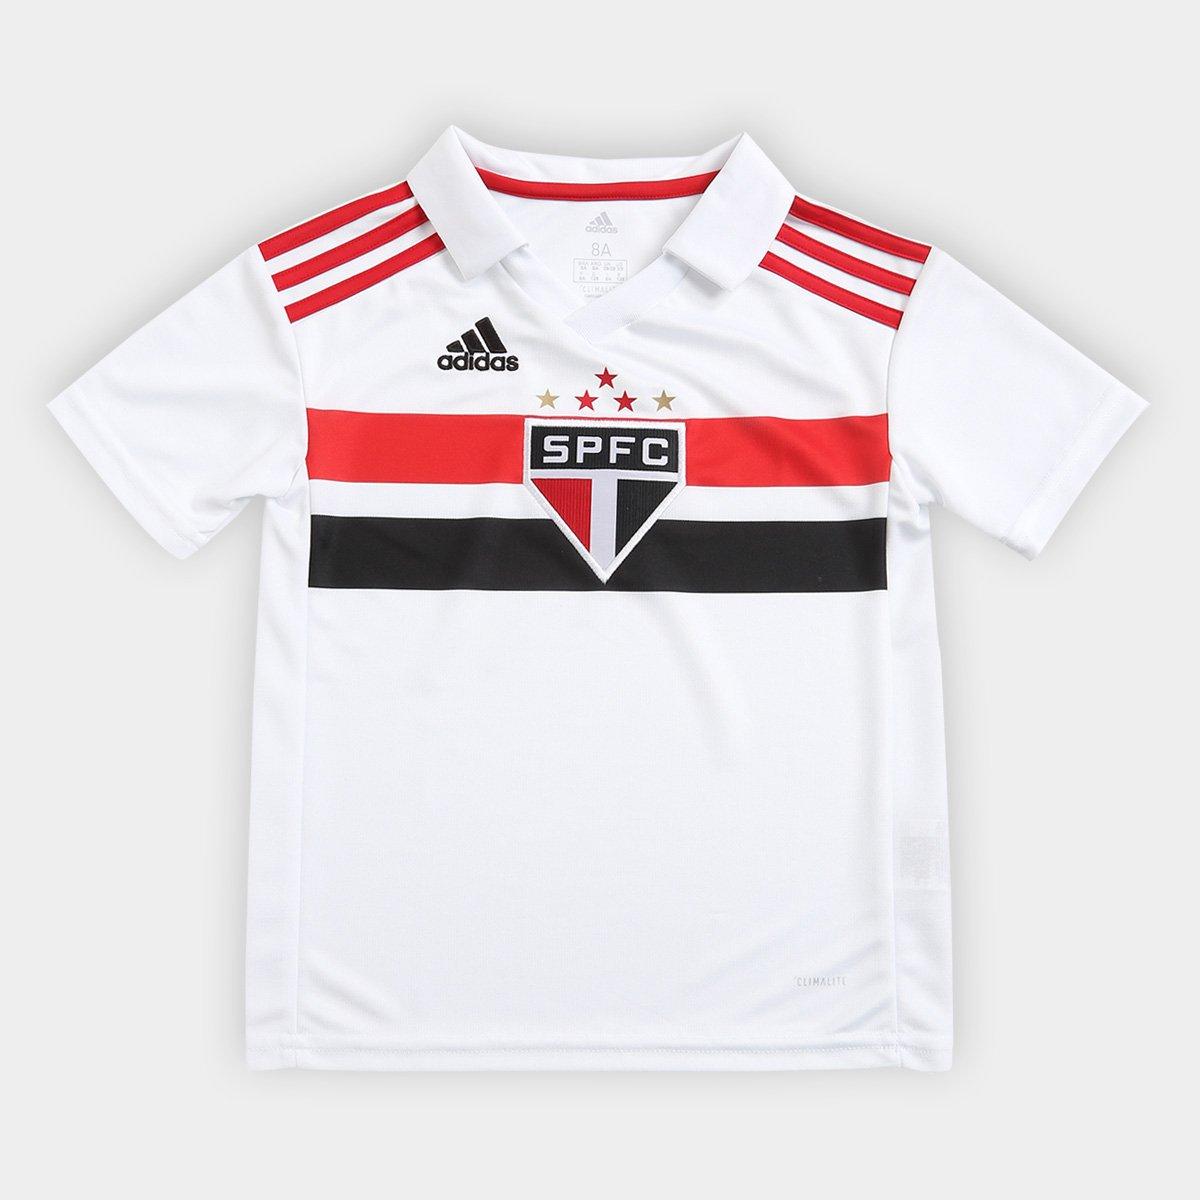 5c702c05c4 Camisa São Paulo Infantil I 2018 s/n° Torcedor Adidas - Branco e Vermelho | São  Paulo Mania